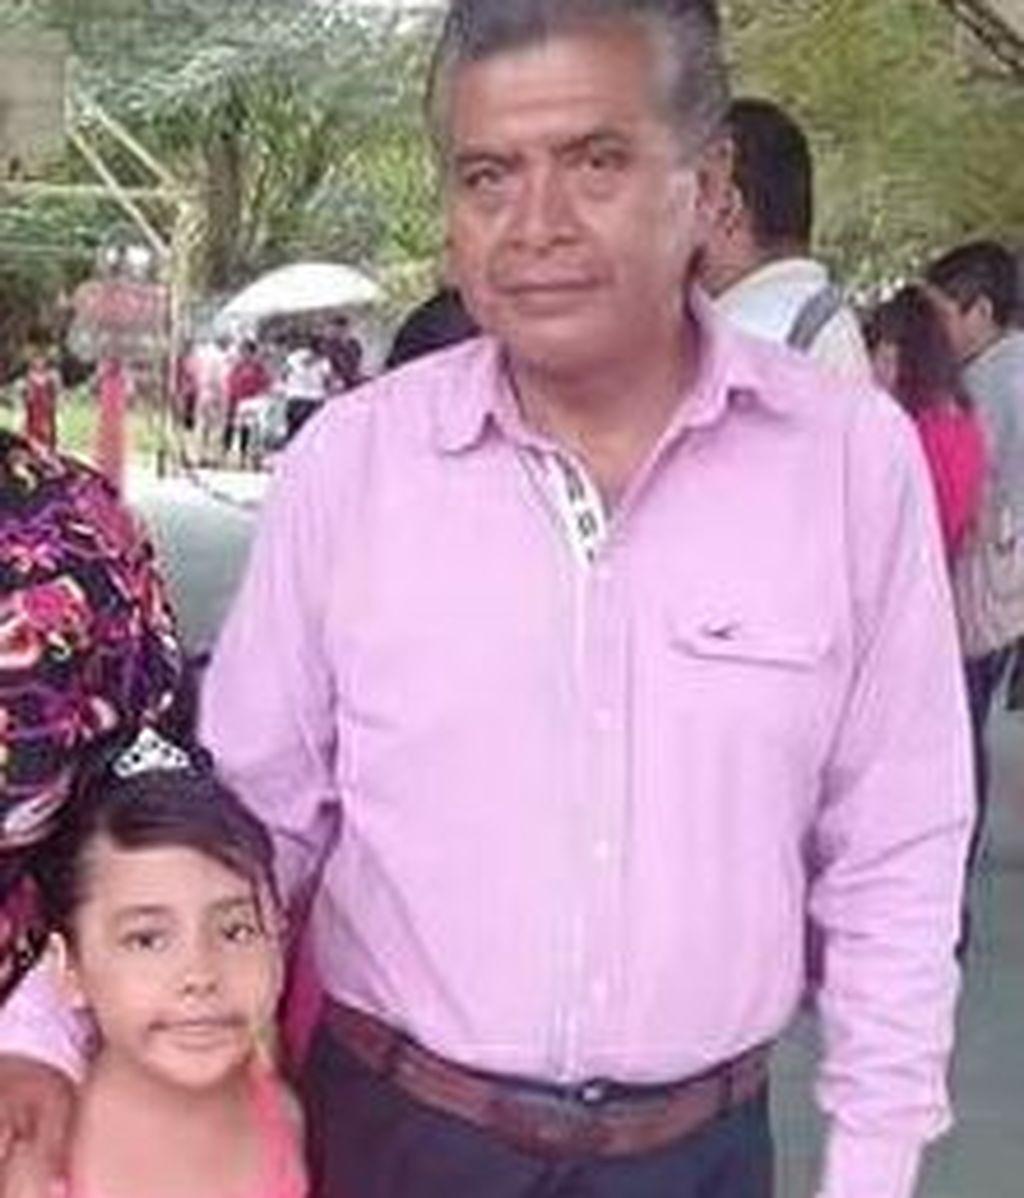 Secuestra a su hija de seis años a la salida del colegio, la mata y se suicida